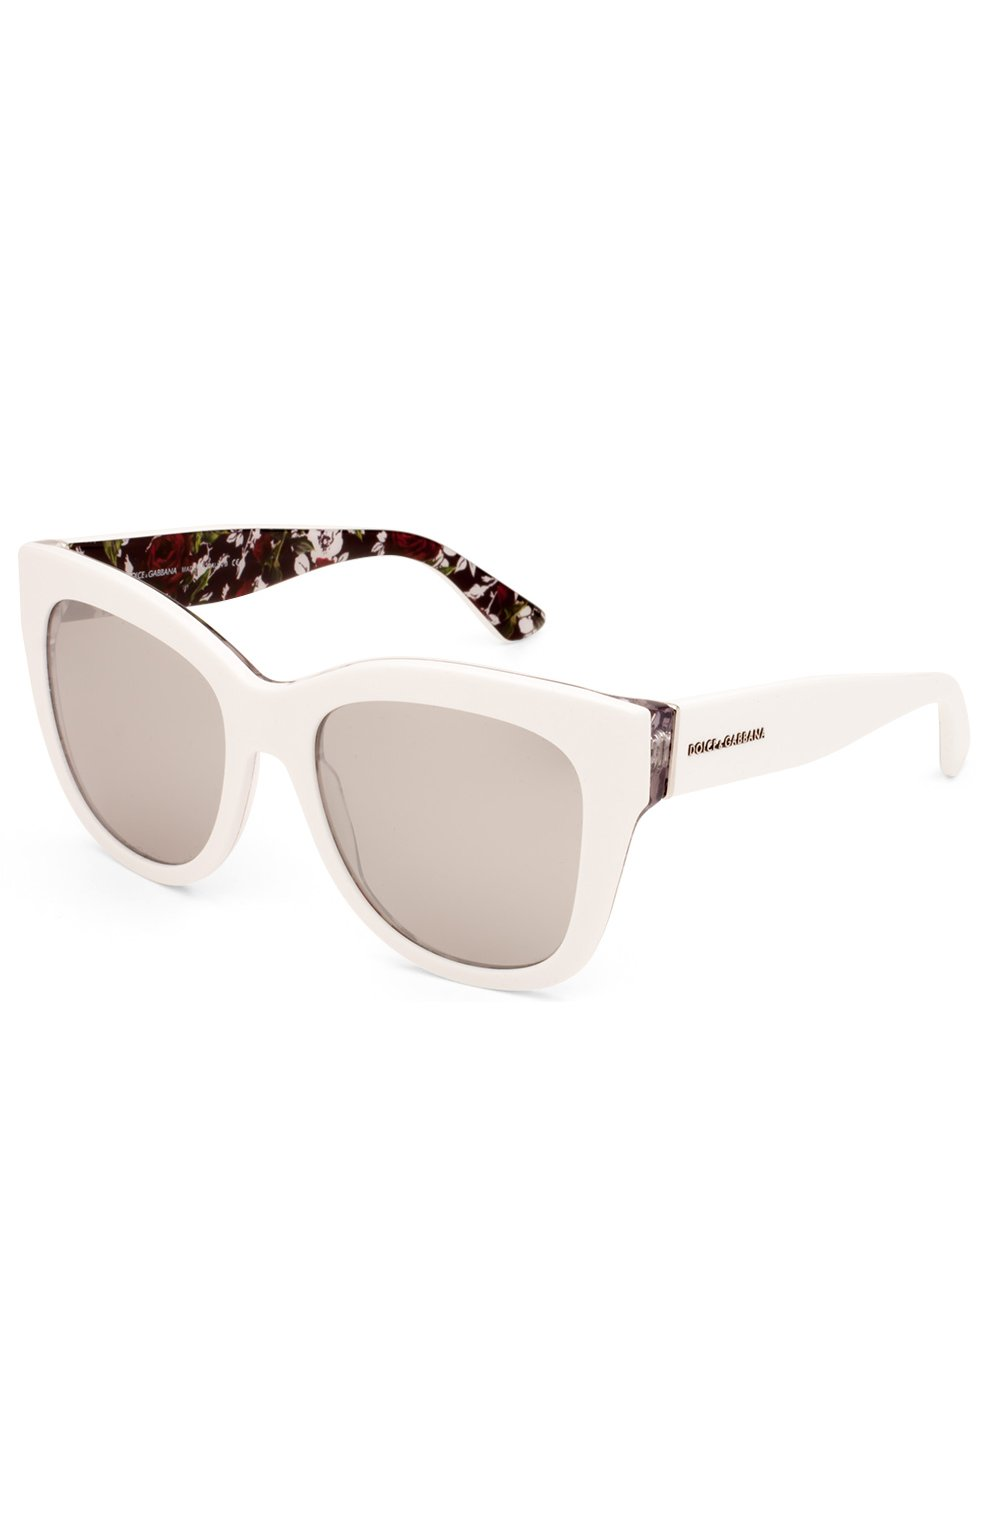 Женские солнцезащитные очки DOLCE & GABBANA белого цвета, арт. 4270-30236G | Фото 2